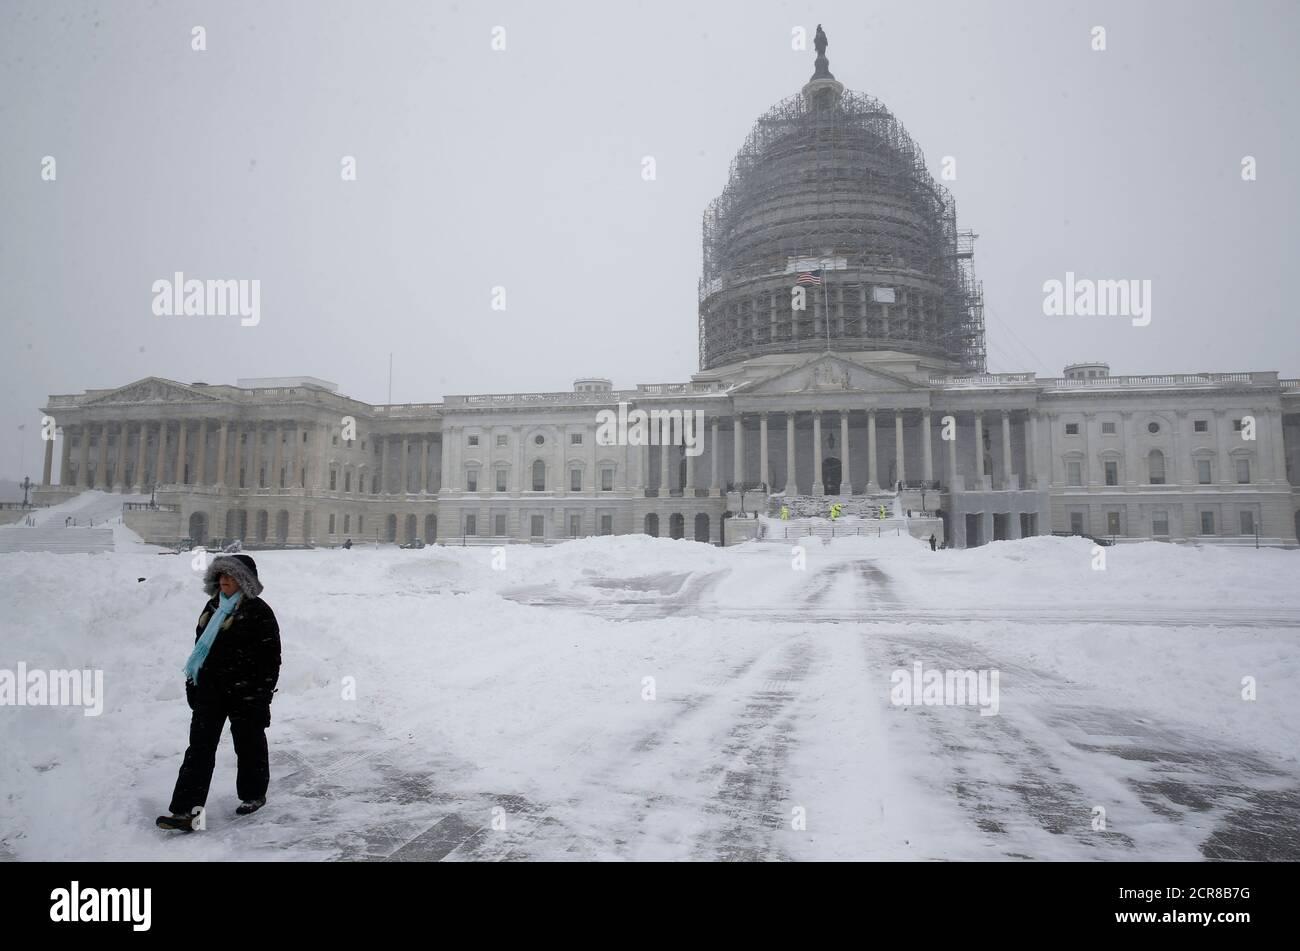 Eine Person geht auf dem schneebedeckten Gelände des US-Kapitols in Washington 23. Januar 2016. Dicker Schnee bedeckte am Samstag das Gebiet von Washington, D.C., als ein potenziell rekordverdächtiges Schneesturm die Straßen-, Schienen- und Flugverbindungen an der US-Ostküste von North Carolina nach New York lähmte. REUTERS/Jonathan Ernst Stockfoto